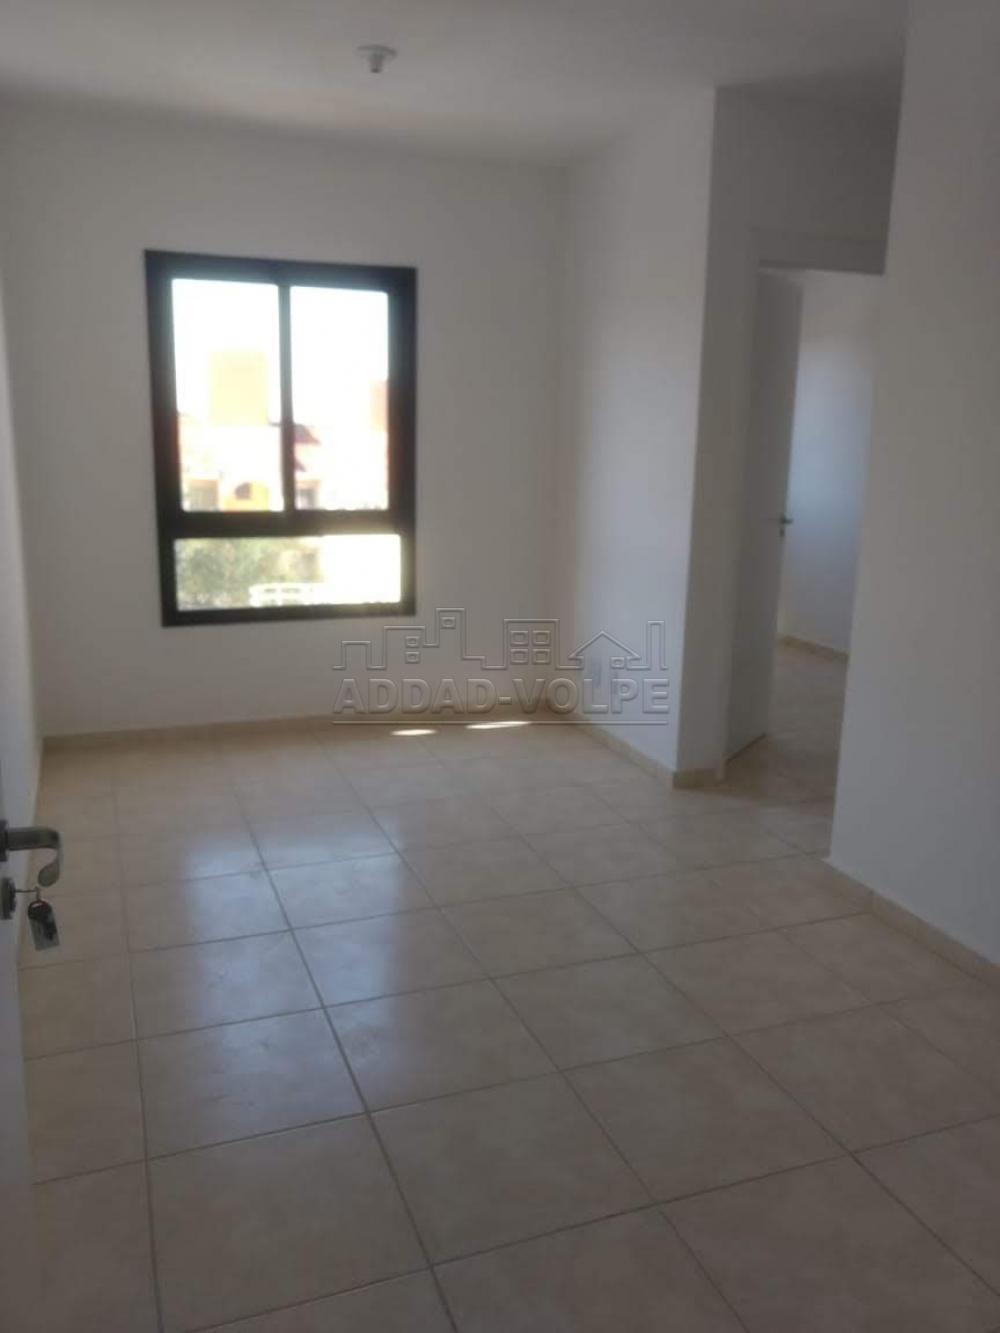 Comprar Apartamento / Padrão em Bauru R$ 180.000,00 - Foto 1